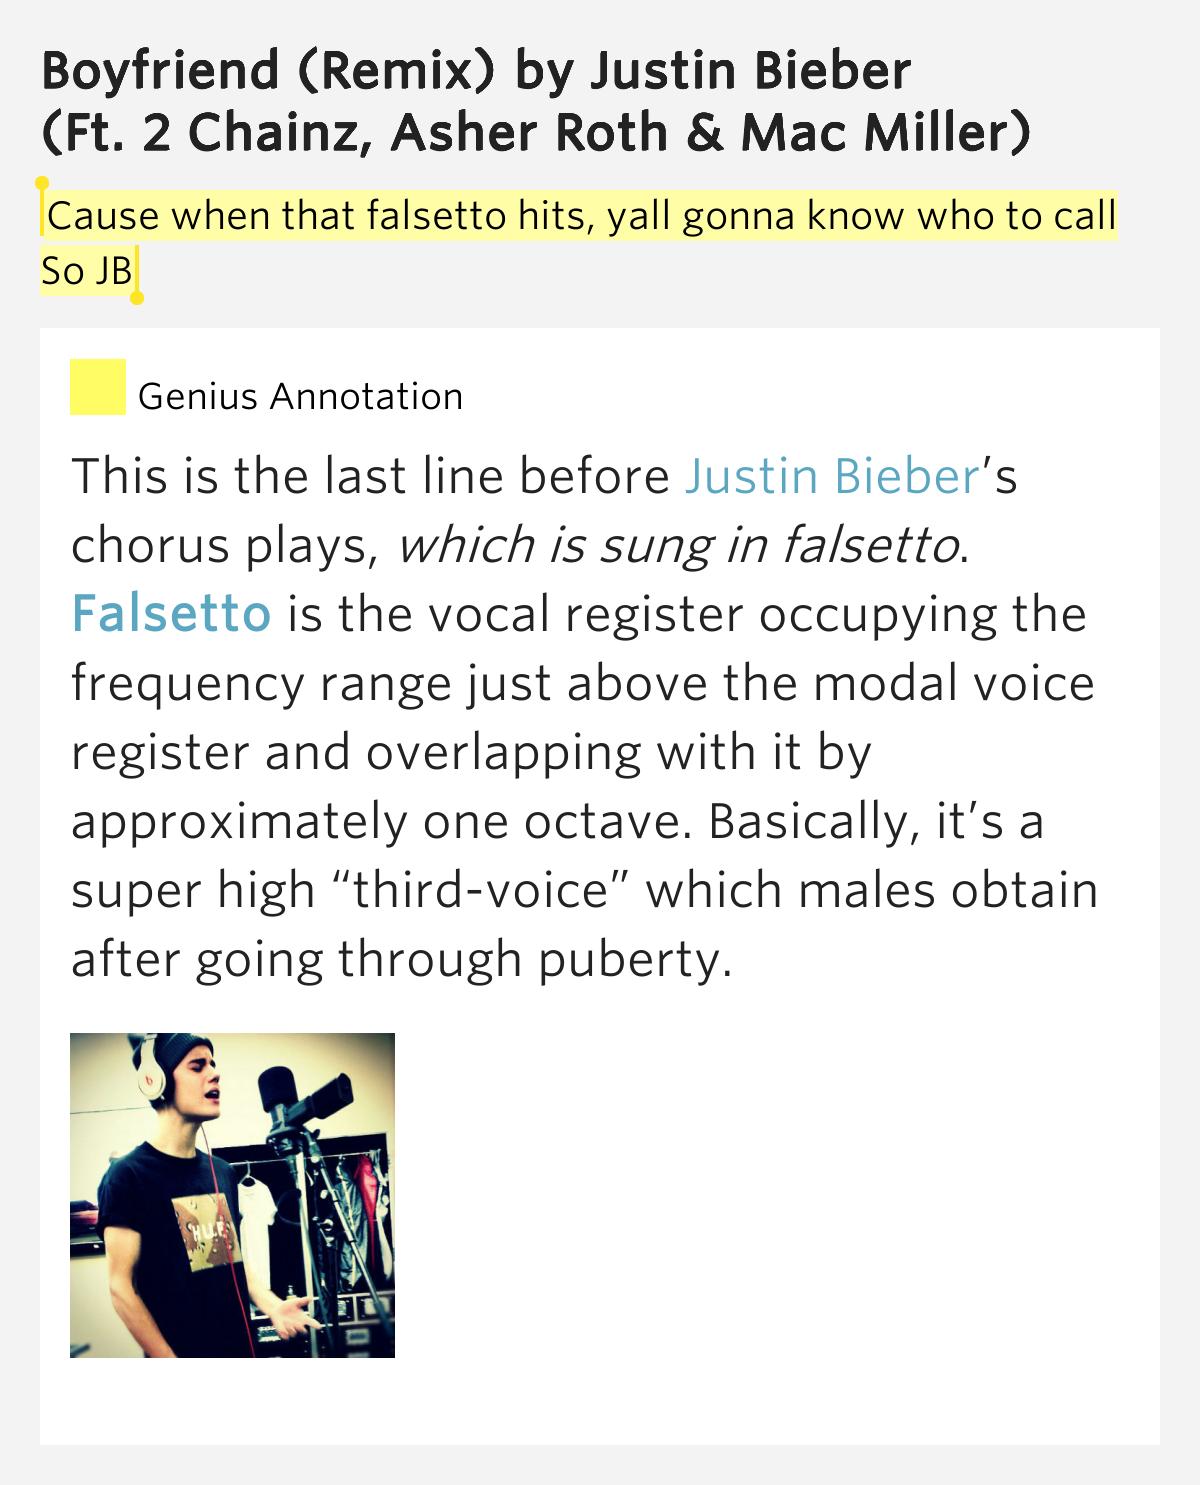 2 Chainz feat. Justin Bieber - Boyfriend (remix) Lyrics